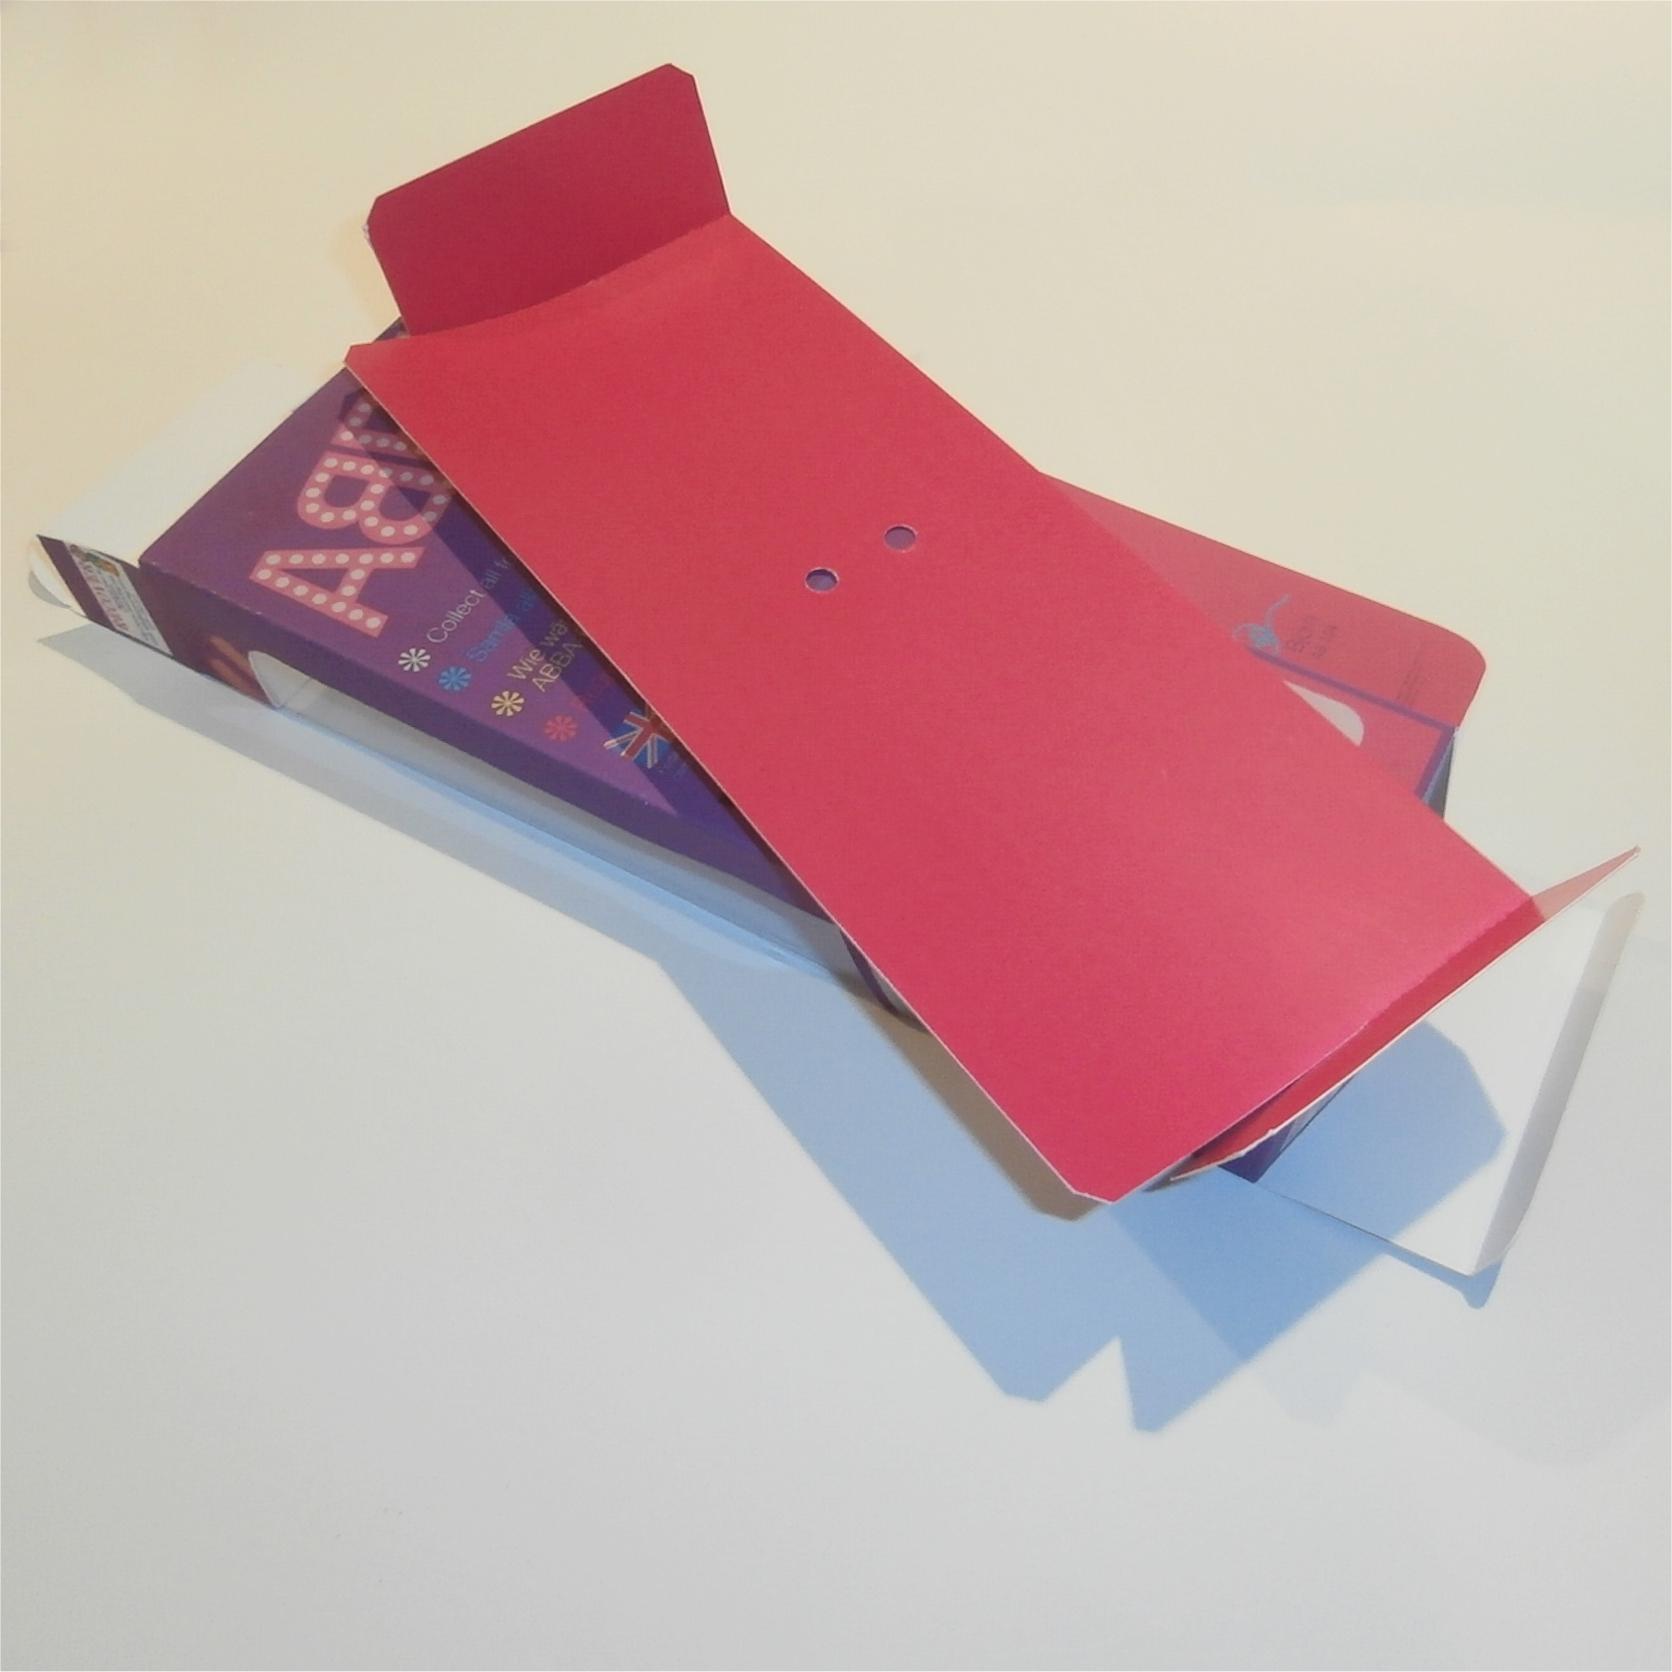 Matchbox Abba Doll Box Set of 4 - Backing